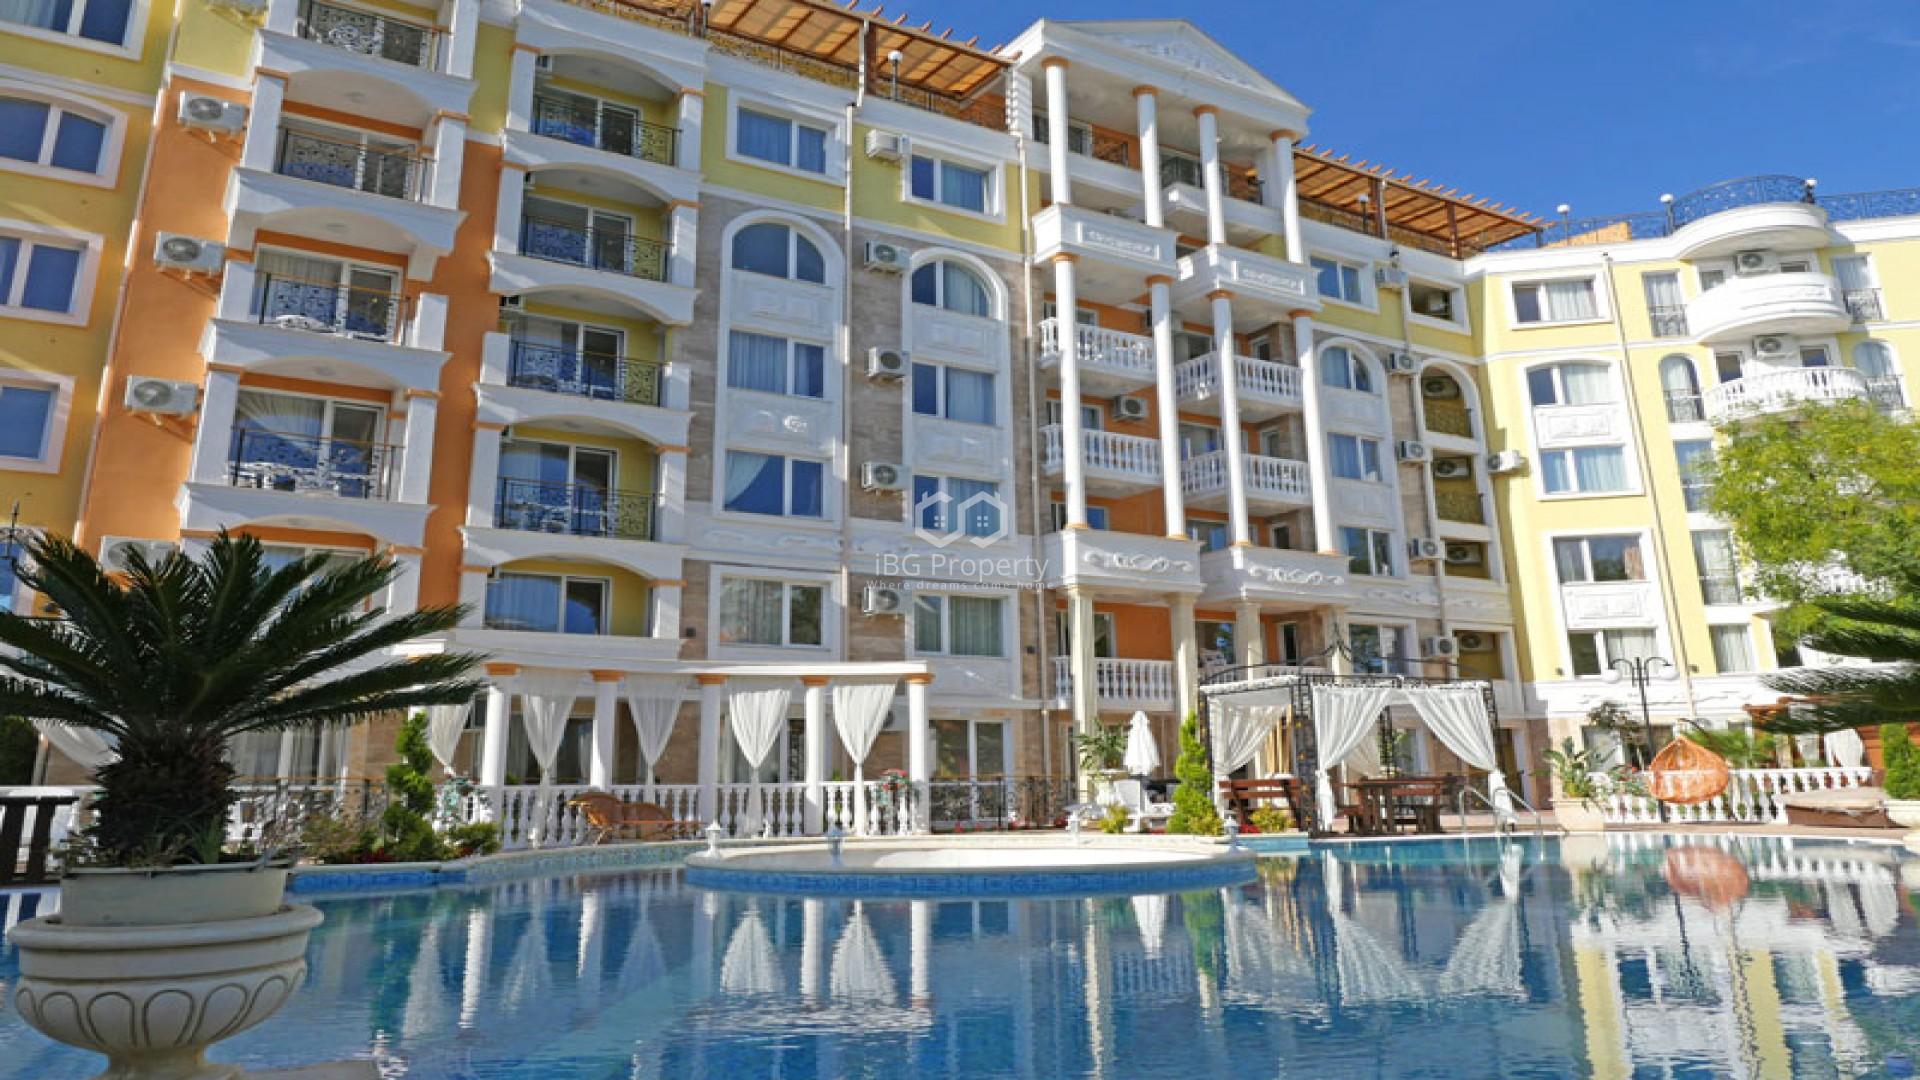 Einzimmerwohnung in Sonnenstrand 37 m2